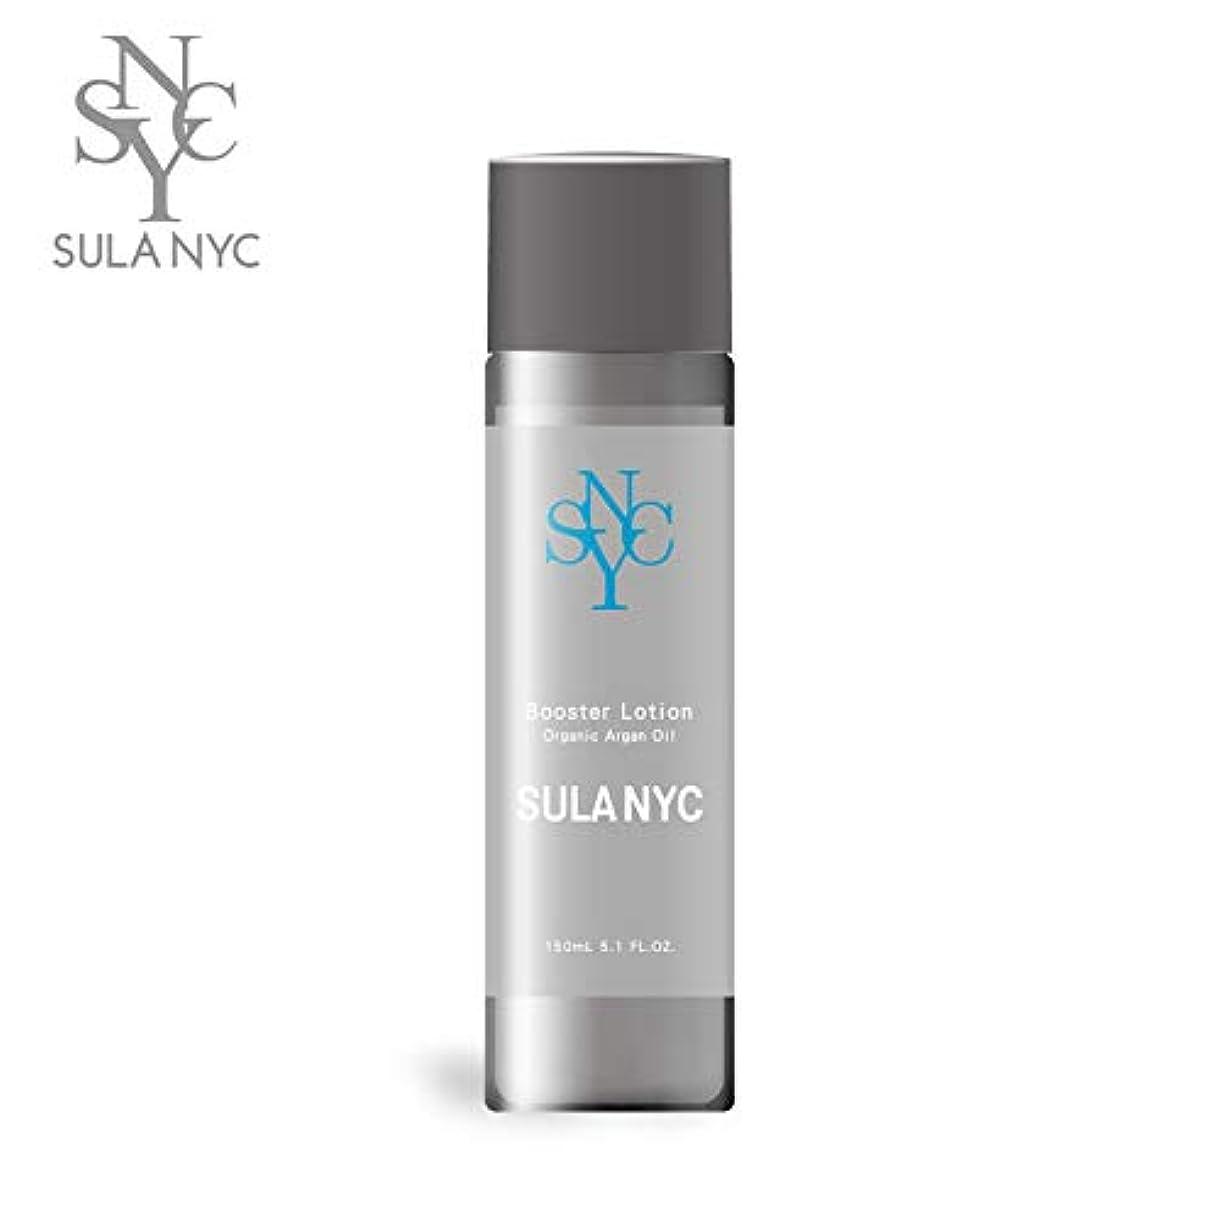 うるさい開梱絶対のSULA NYC スーラ エヌワイシー アルガンオイル ブースターローション 化粧水 150ml